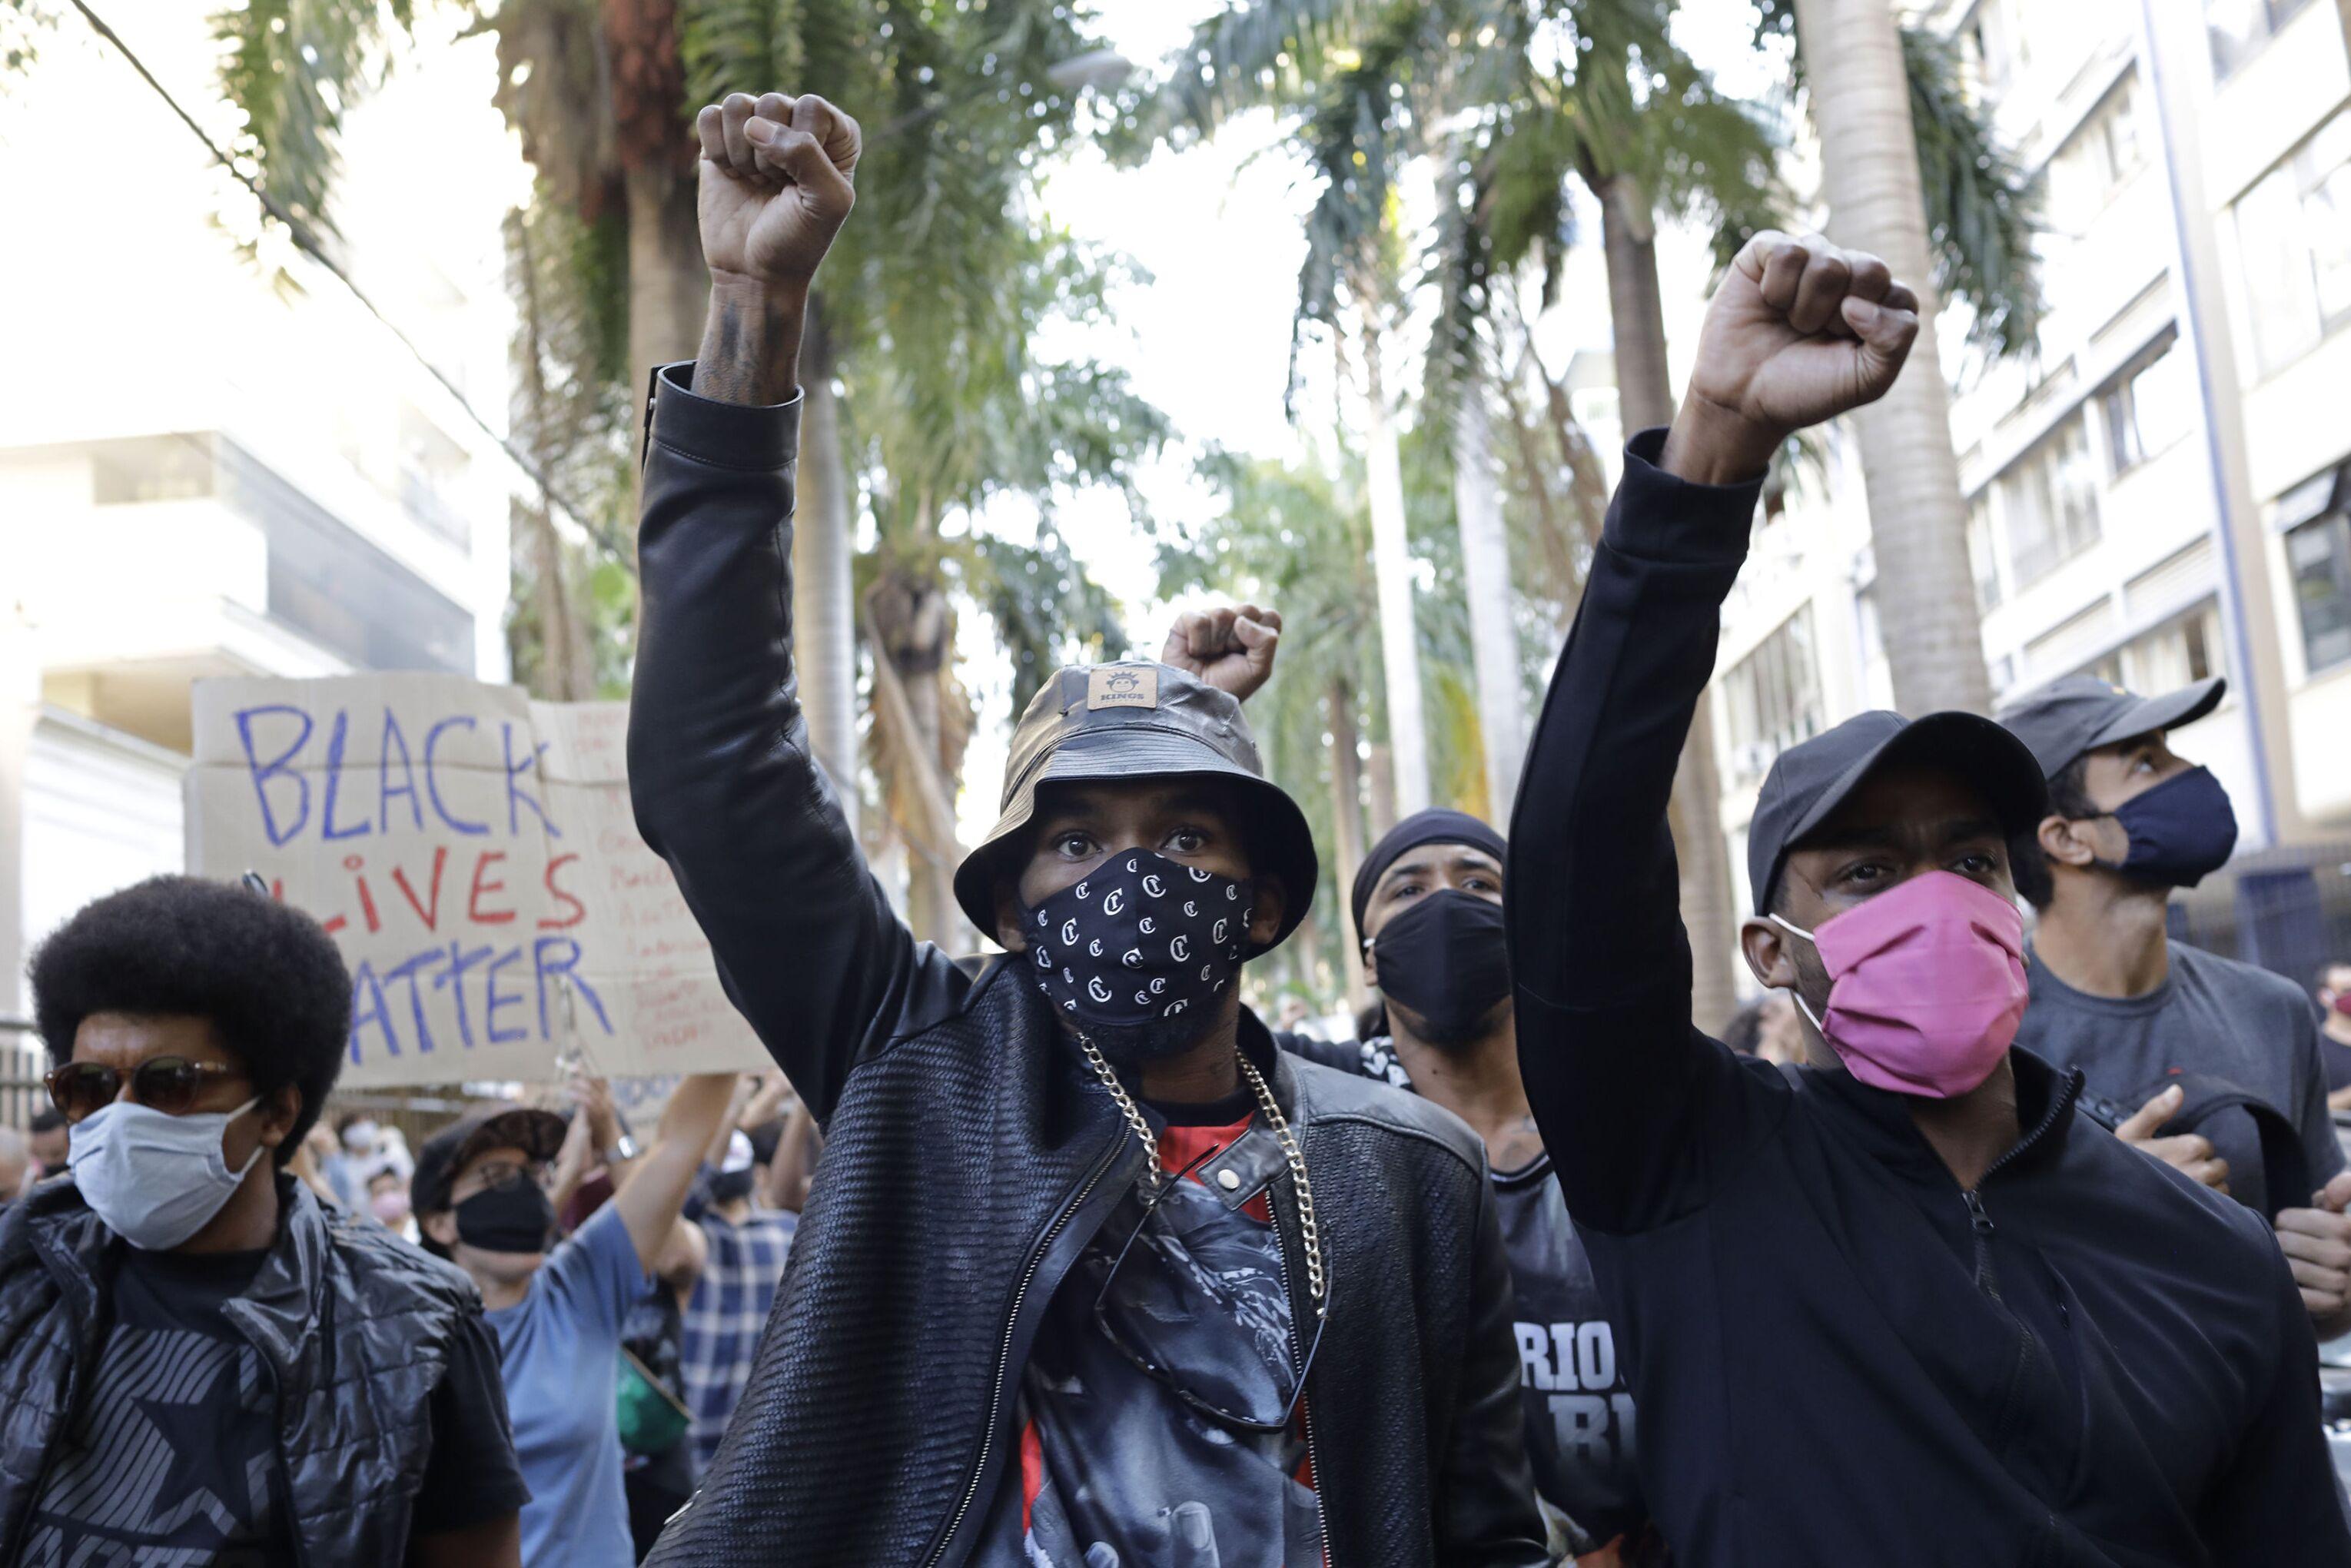 Manifestantes contra violência policial durante passeata no Rio de Janeiro, 31 de maio de 2020